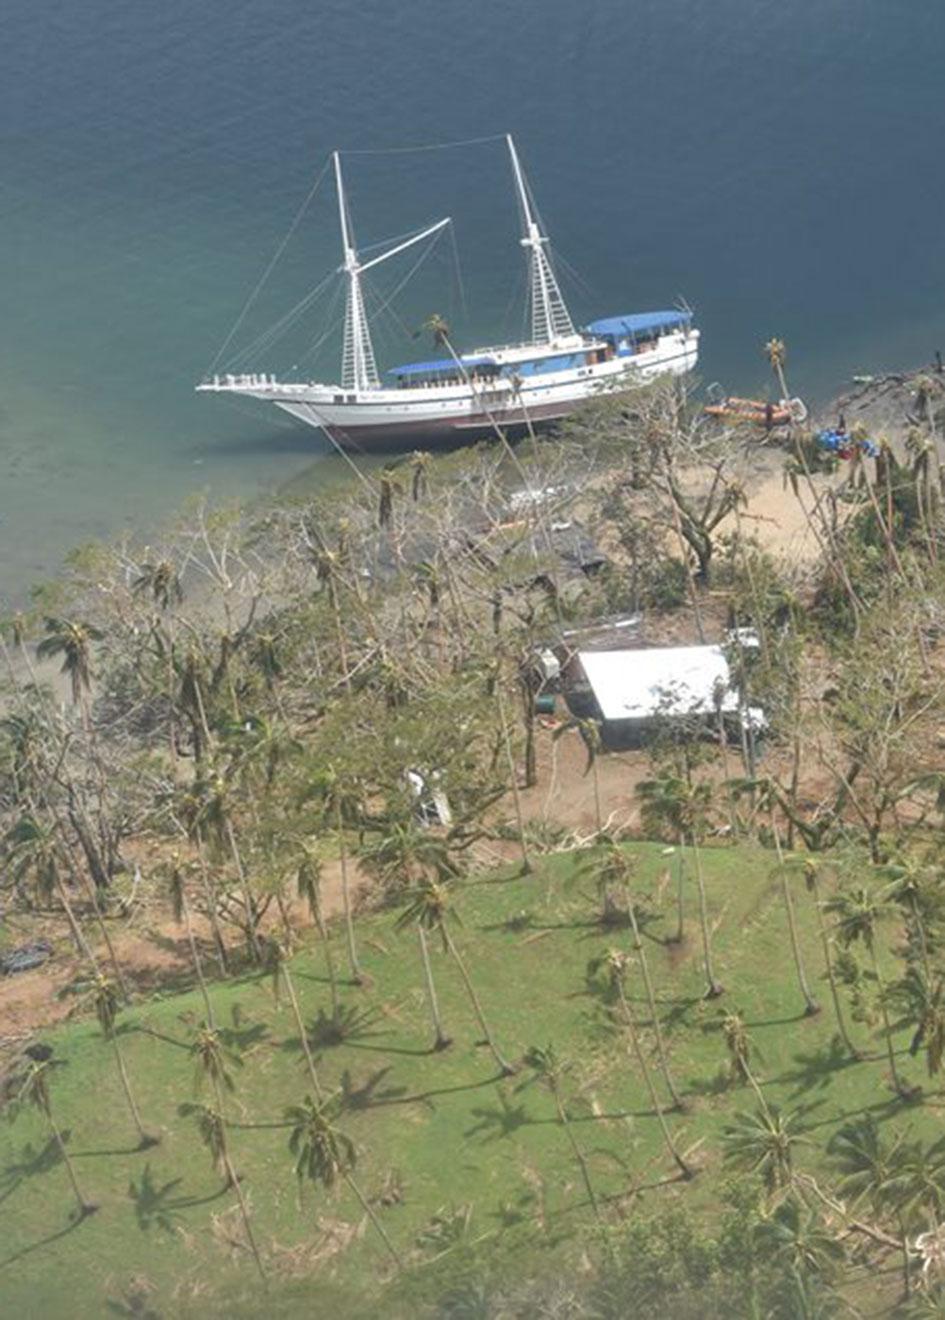 Boat on the beach in Urata, near Savusavu